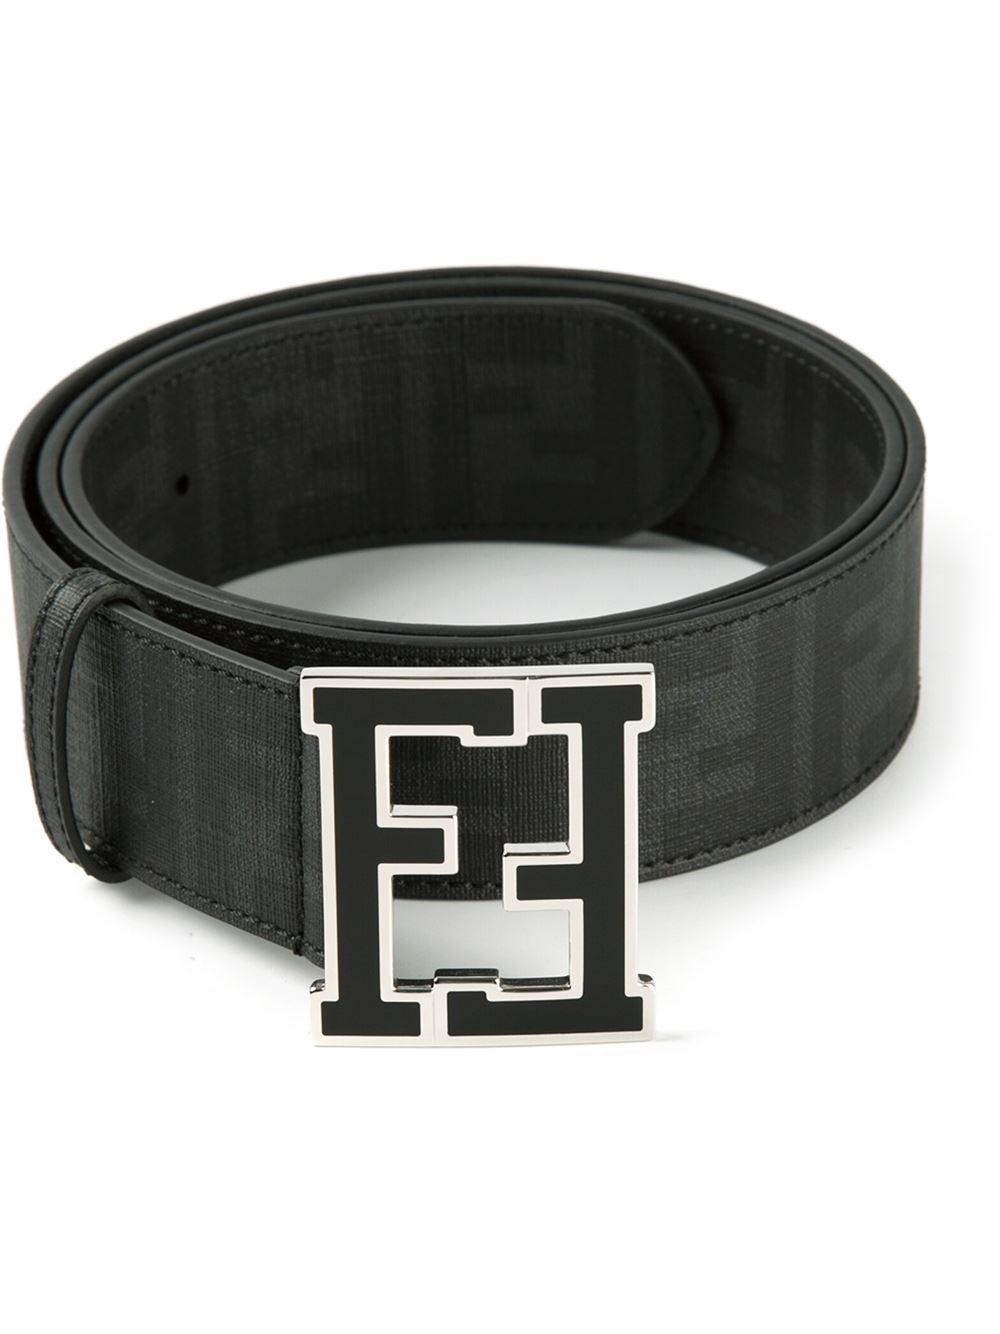 6e148b1bf2 Lyst - Fendi  Zucca  Belt in Black for Men